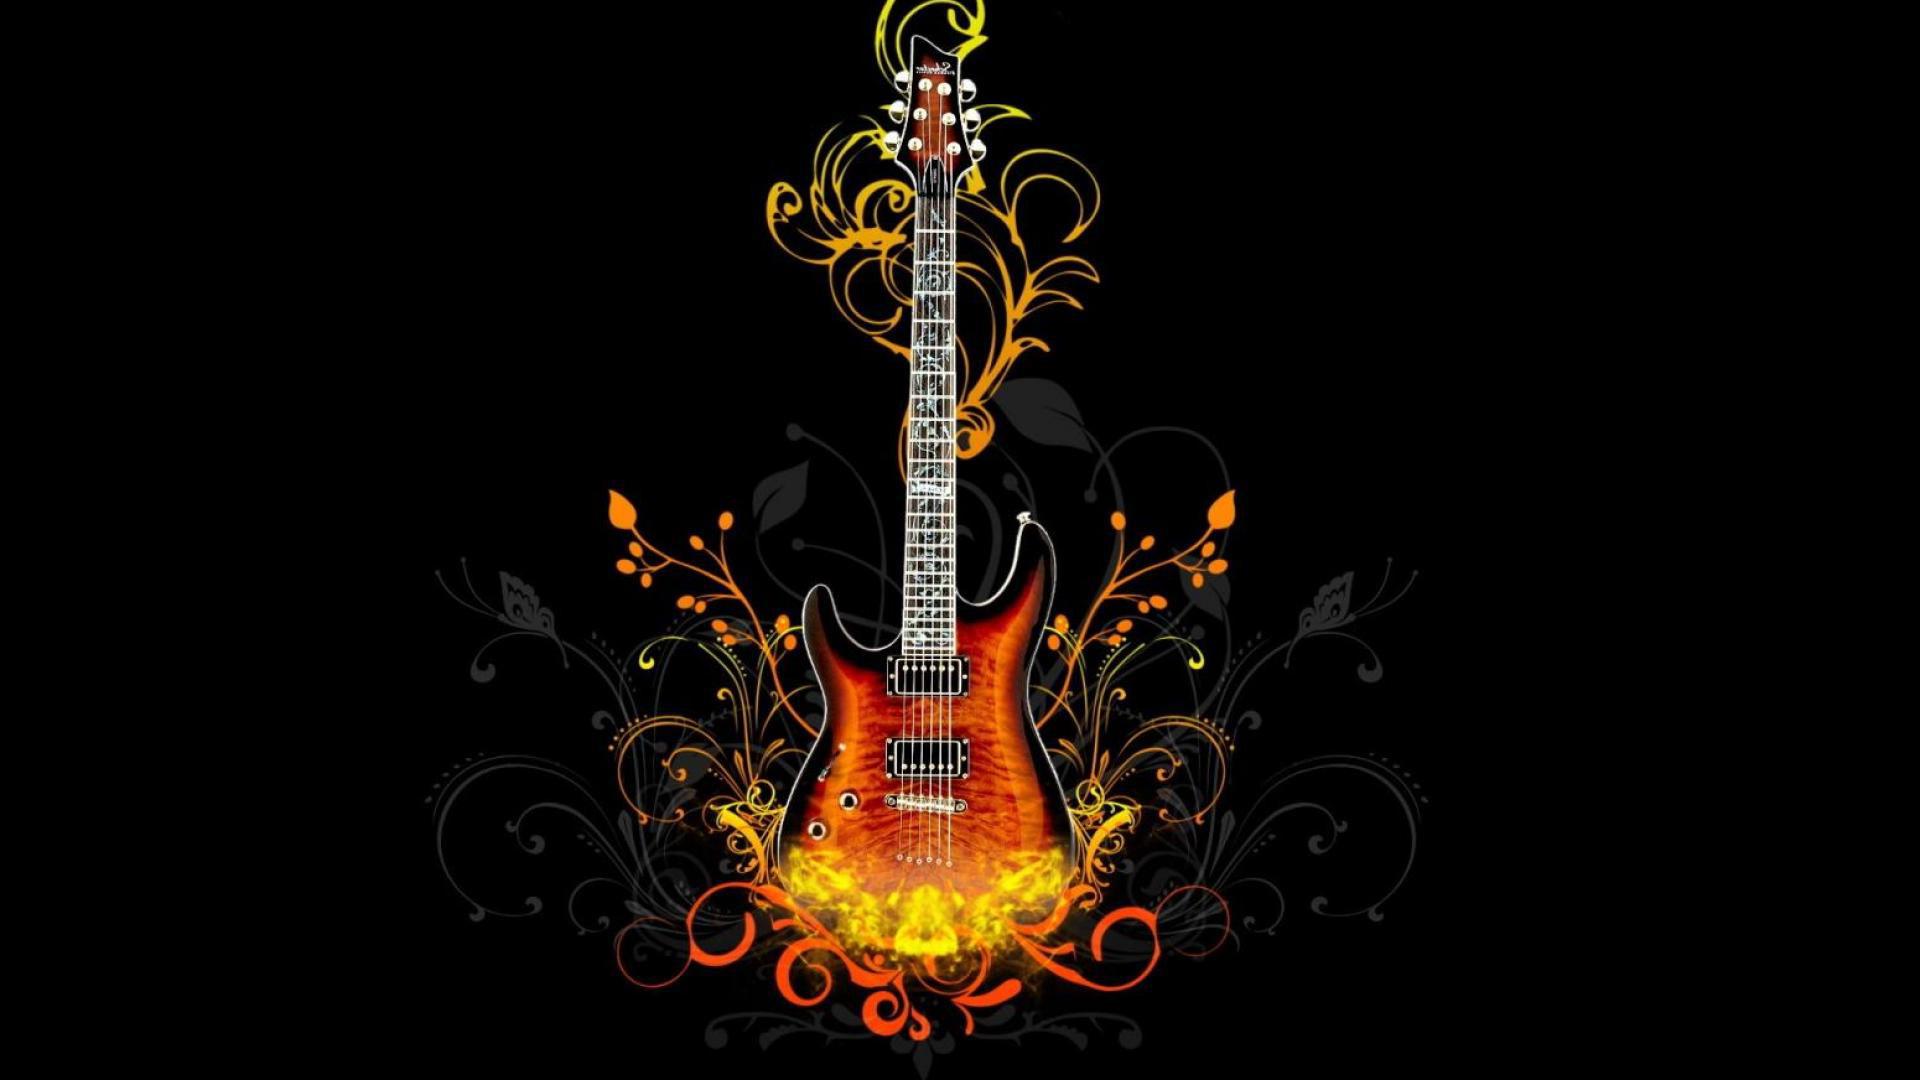 Гитара с оранжевым рисунком на черном фоне, музыка, 1920 на 1080 пикселей